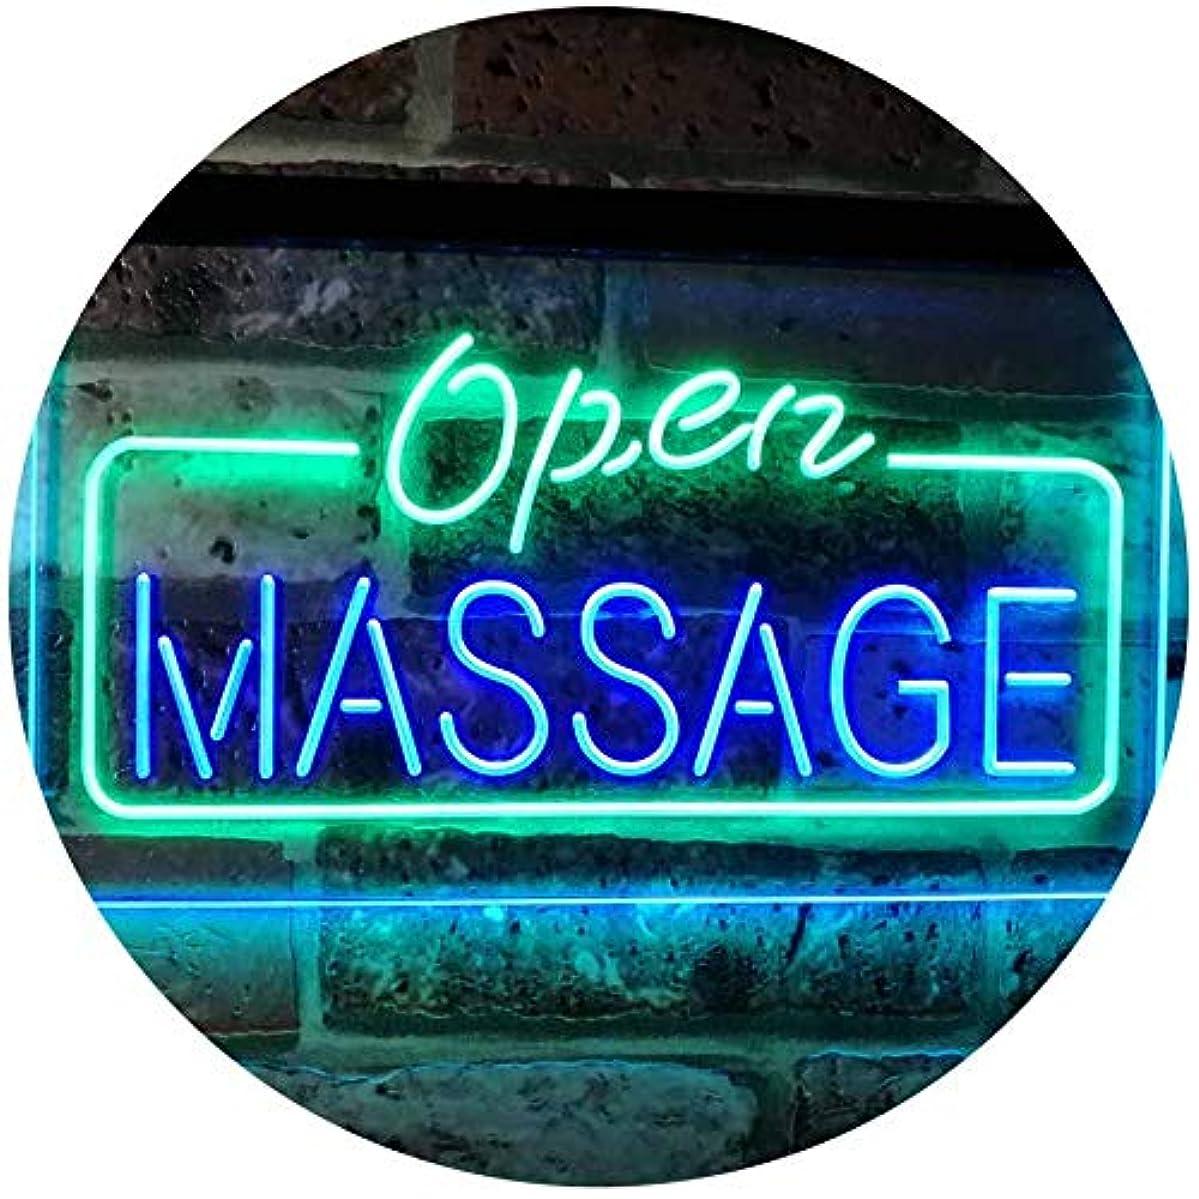 噴出する下に人類Massage Therapy Open Walk-In-Welcome Display Body Care LED看板 ネオンプレート サイン 標識 Green & Blue 400mm x 300mm st6s43-...